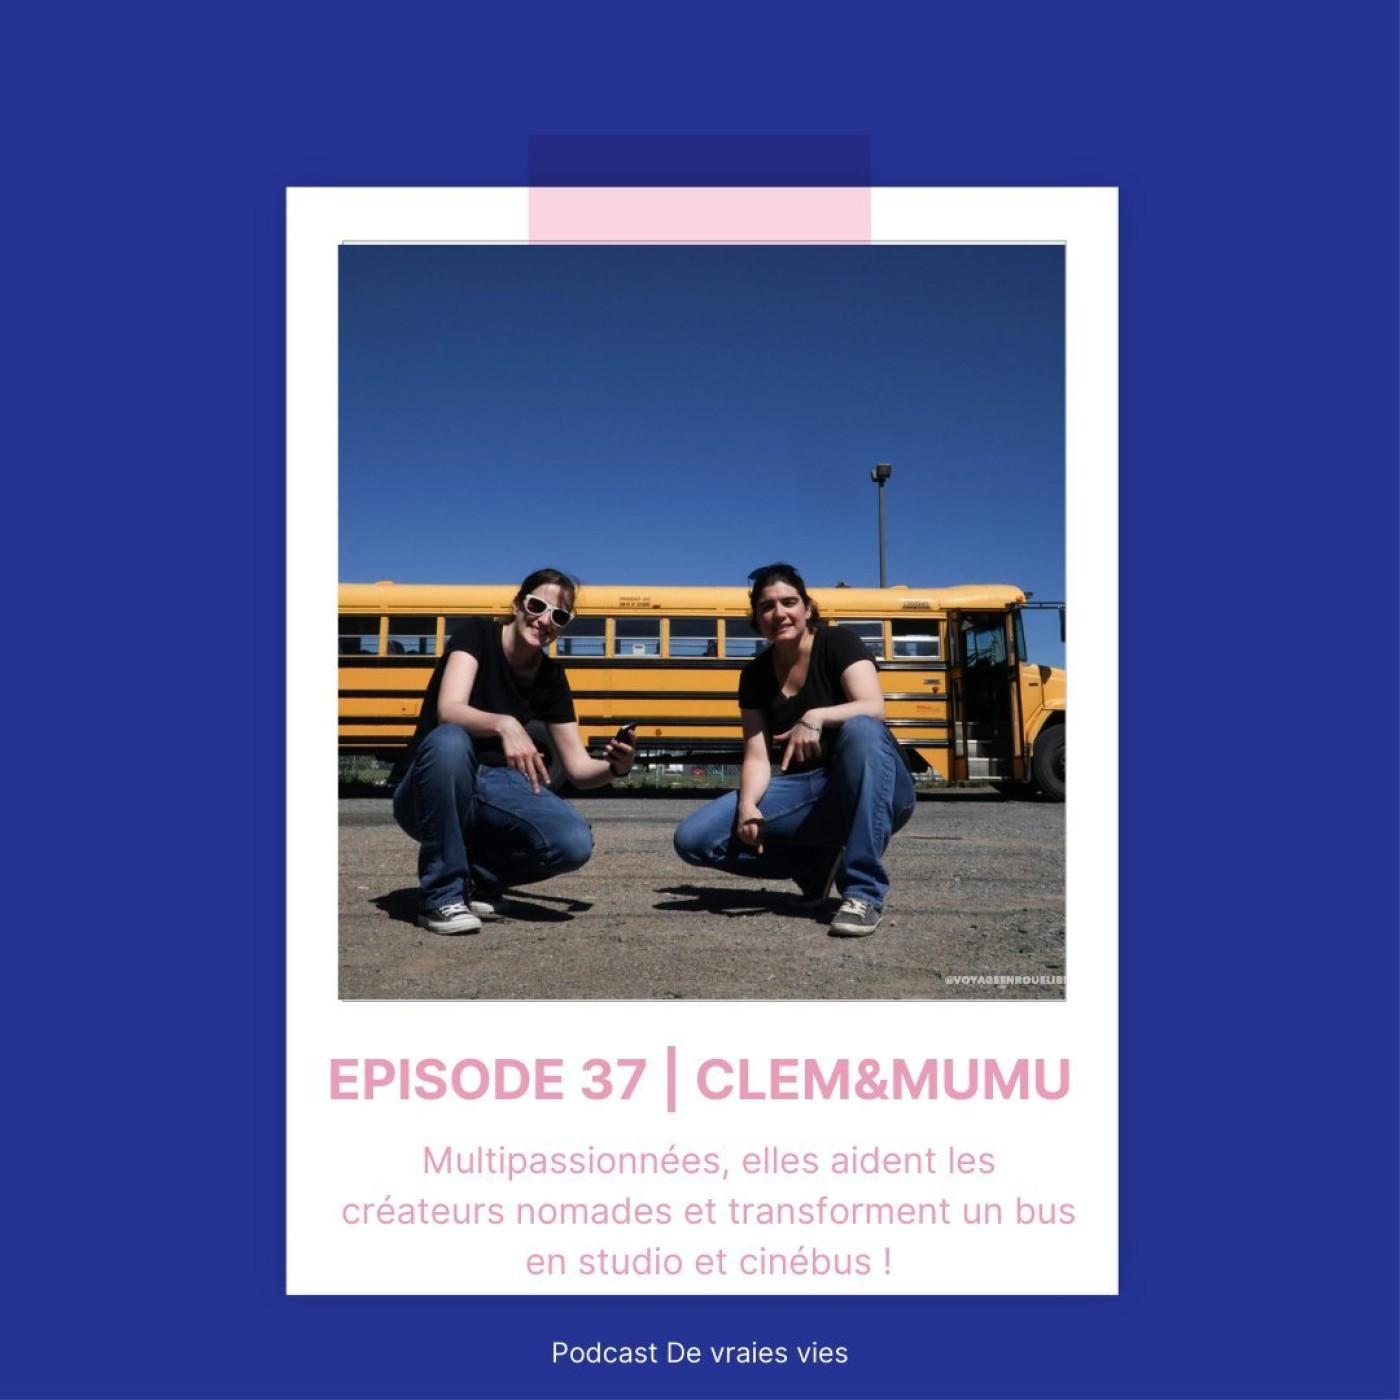 Clem&Mumu | Multipassionnées, elles aident les créateurs nomades et transforment un bus en studio et cinébus !